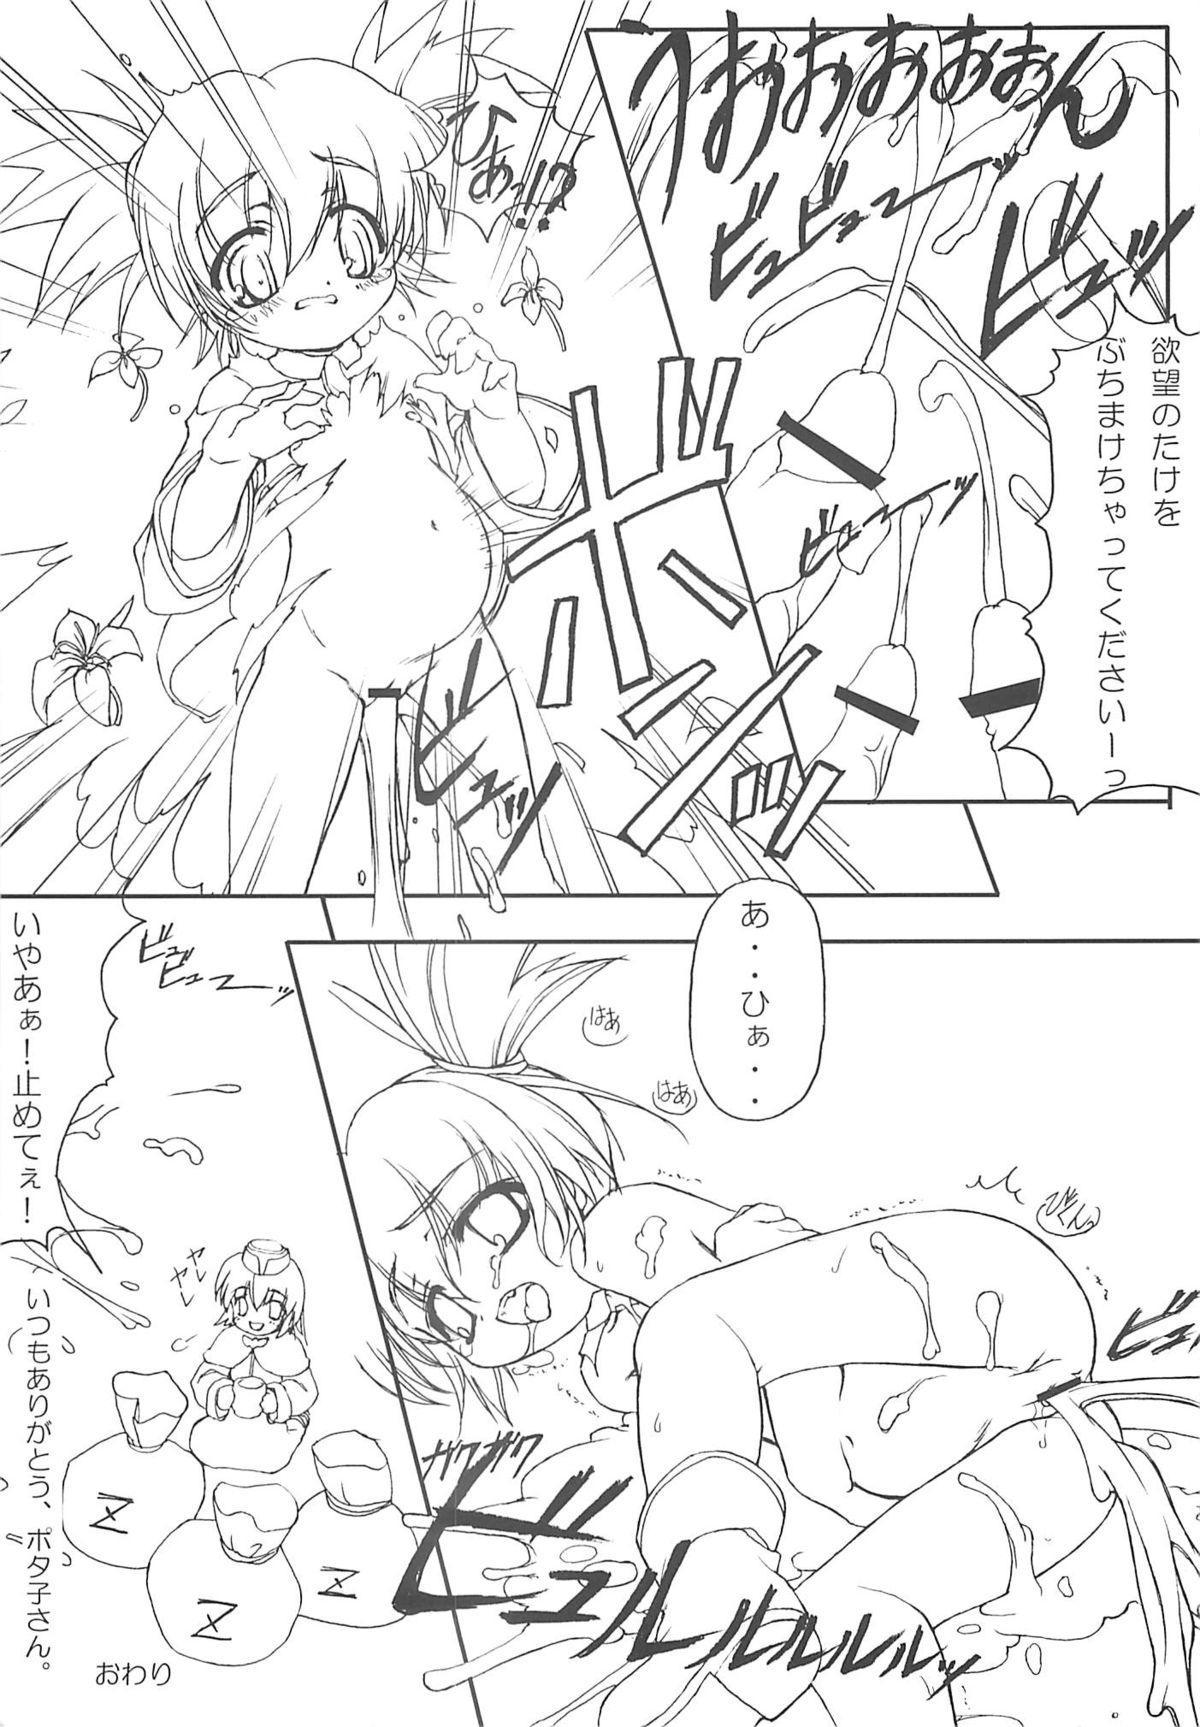 Hajimete no Juuryoku 16